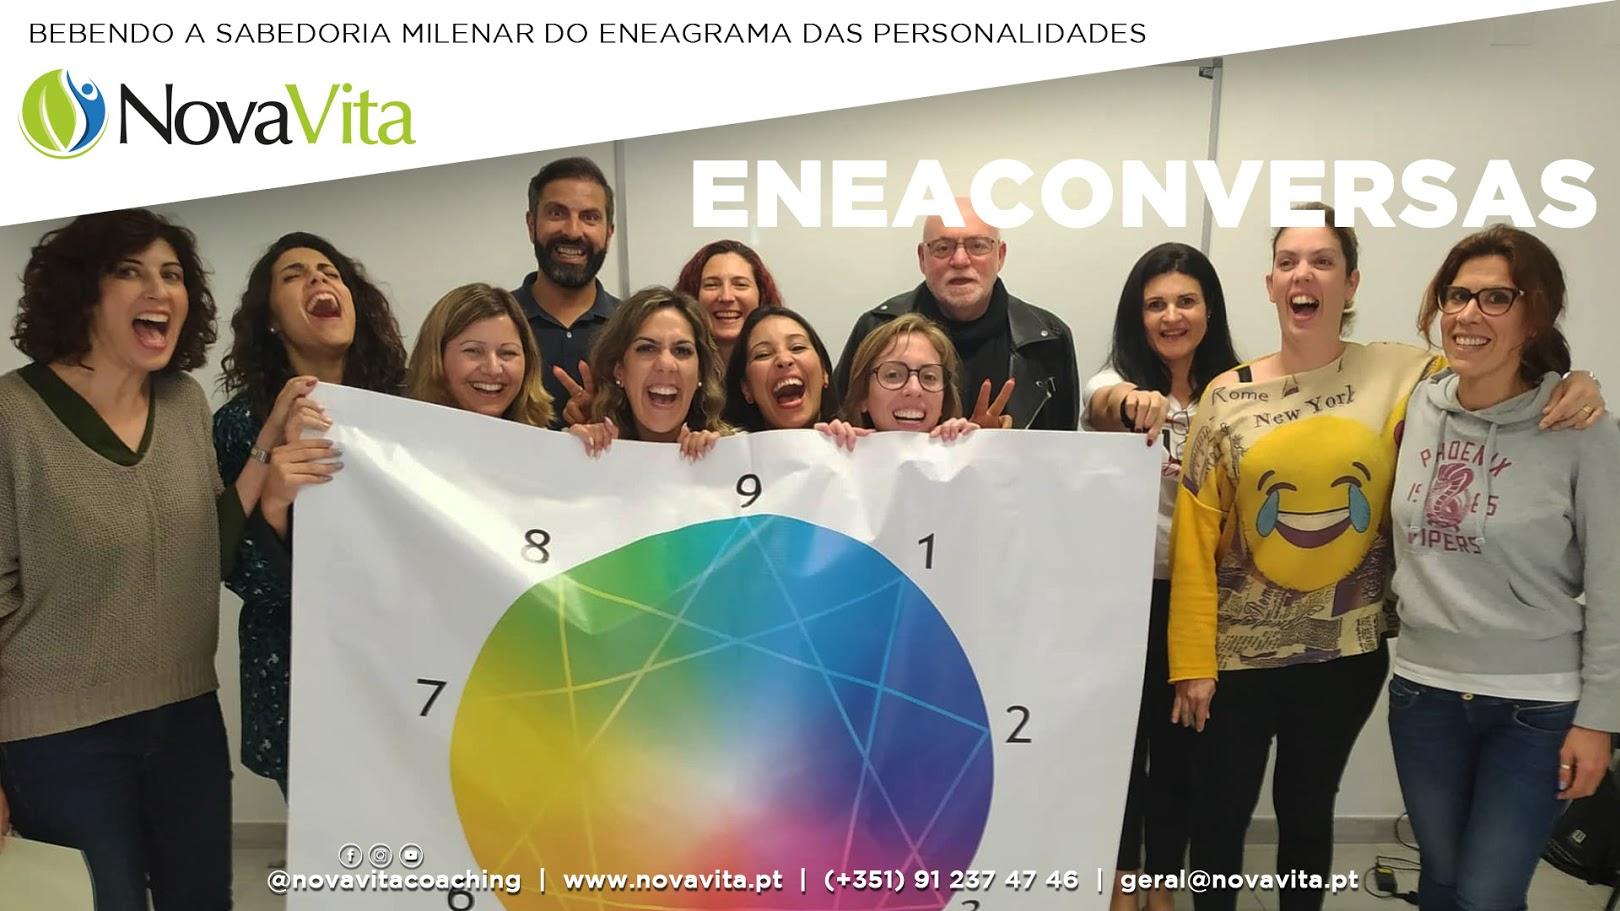 eneaconversas_nova vita